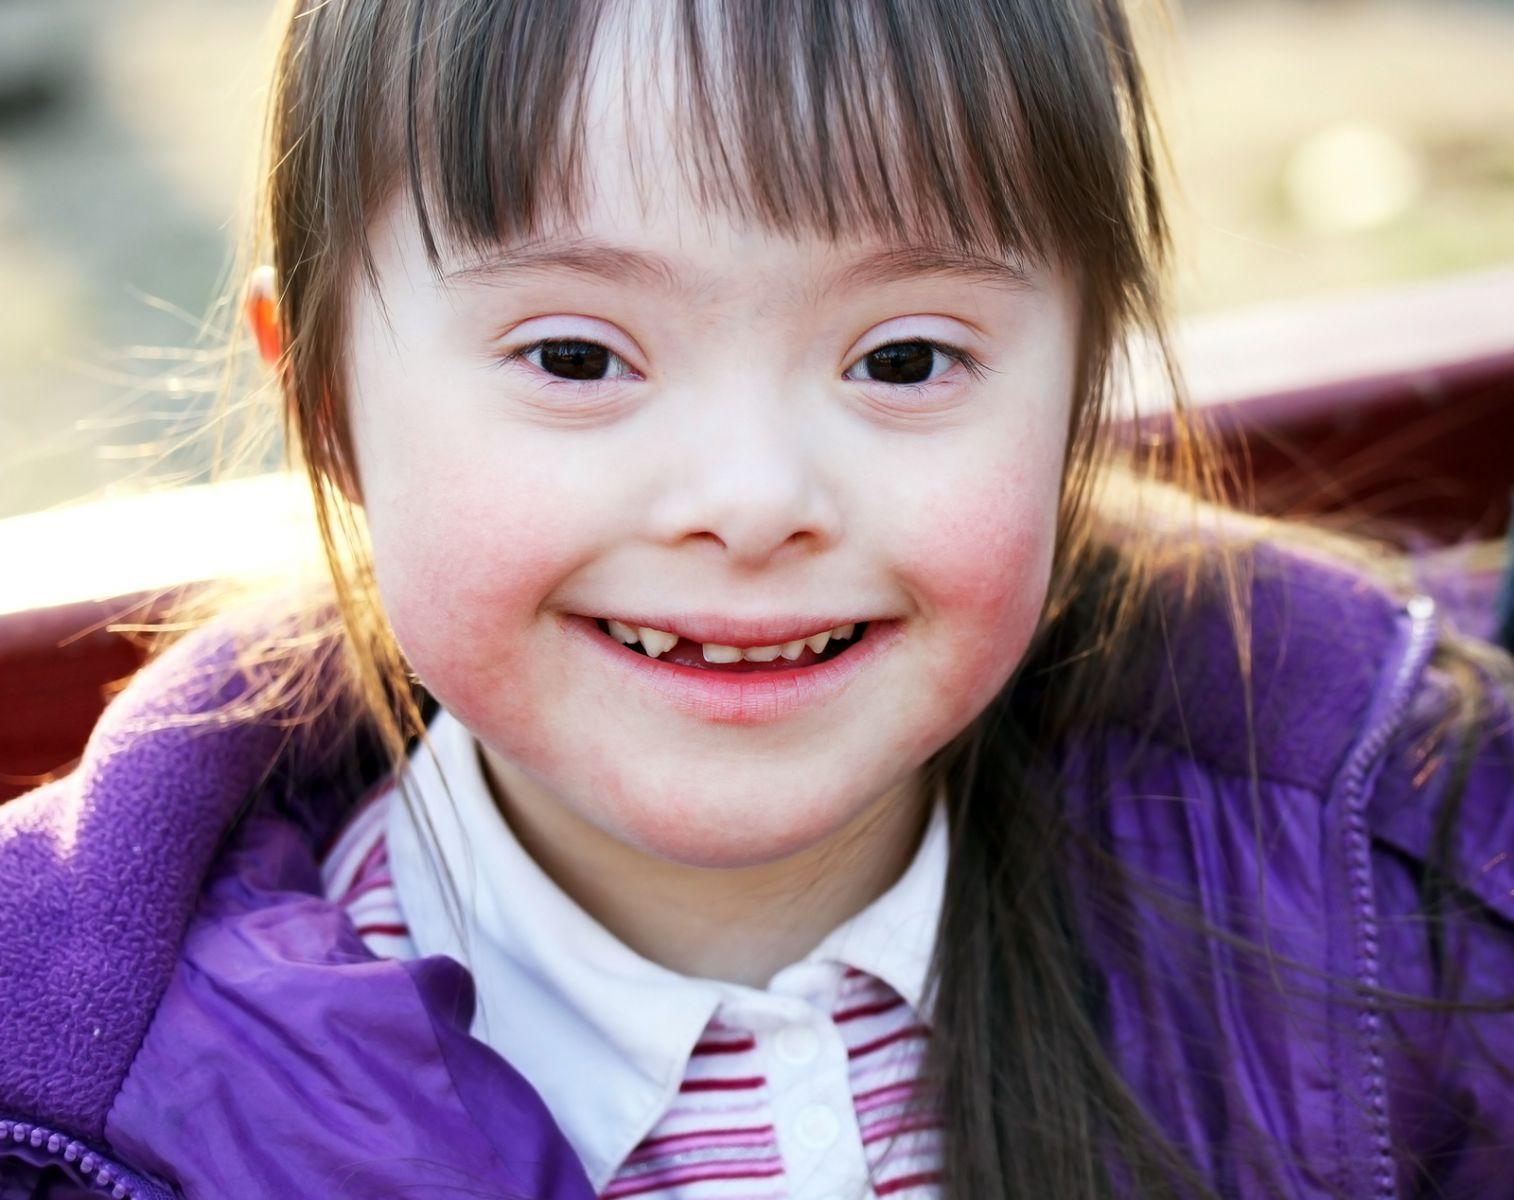 اوتیسم - گاتریا - دنیای فناوری